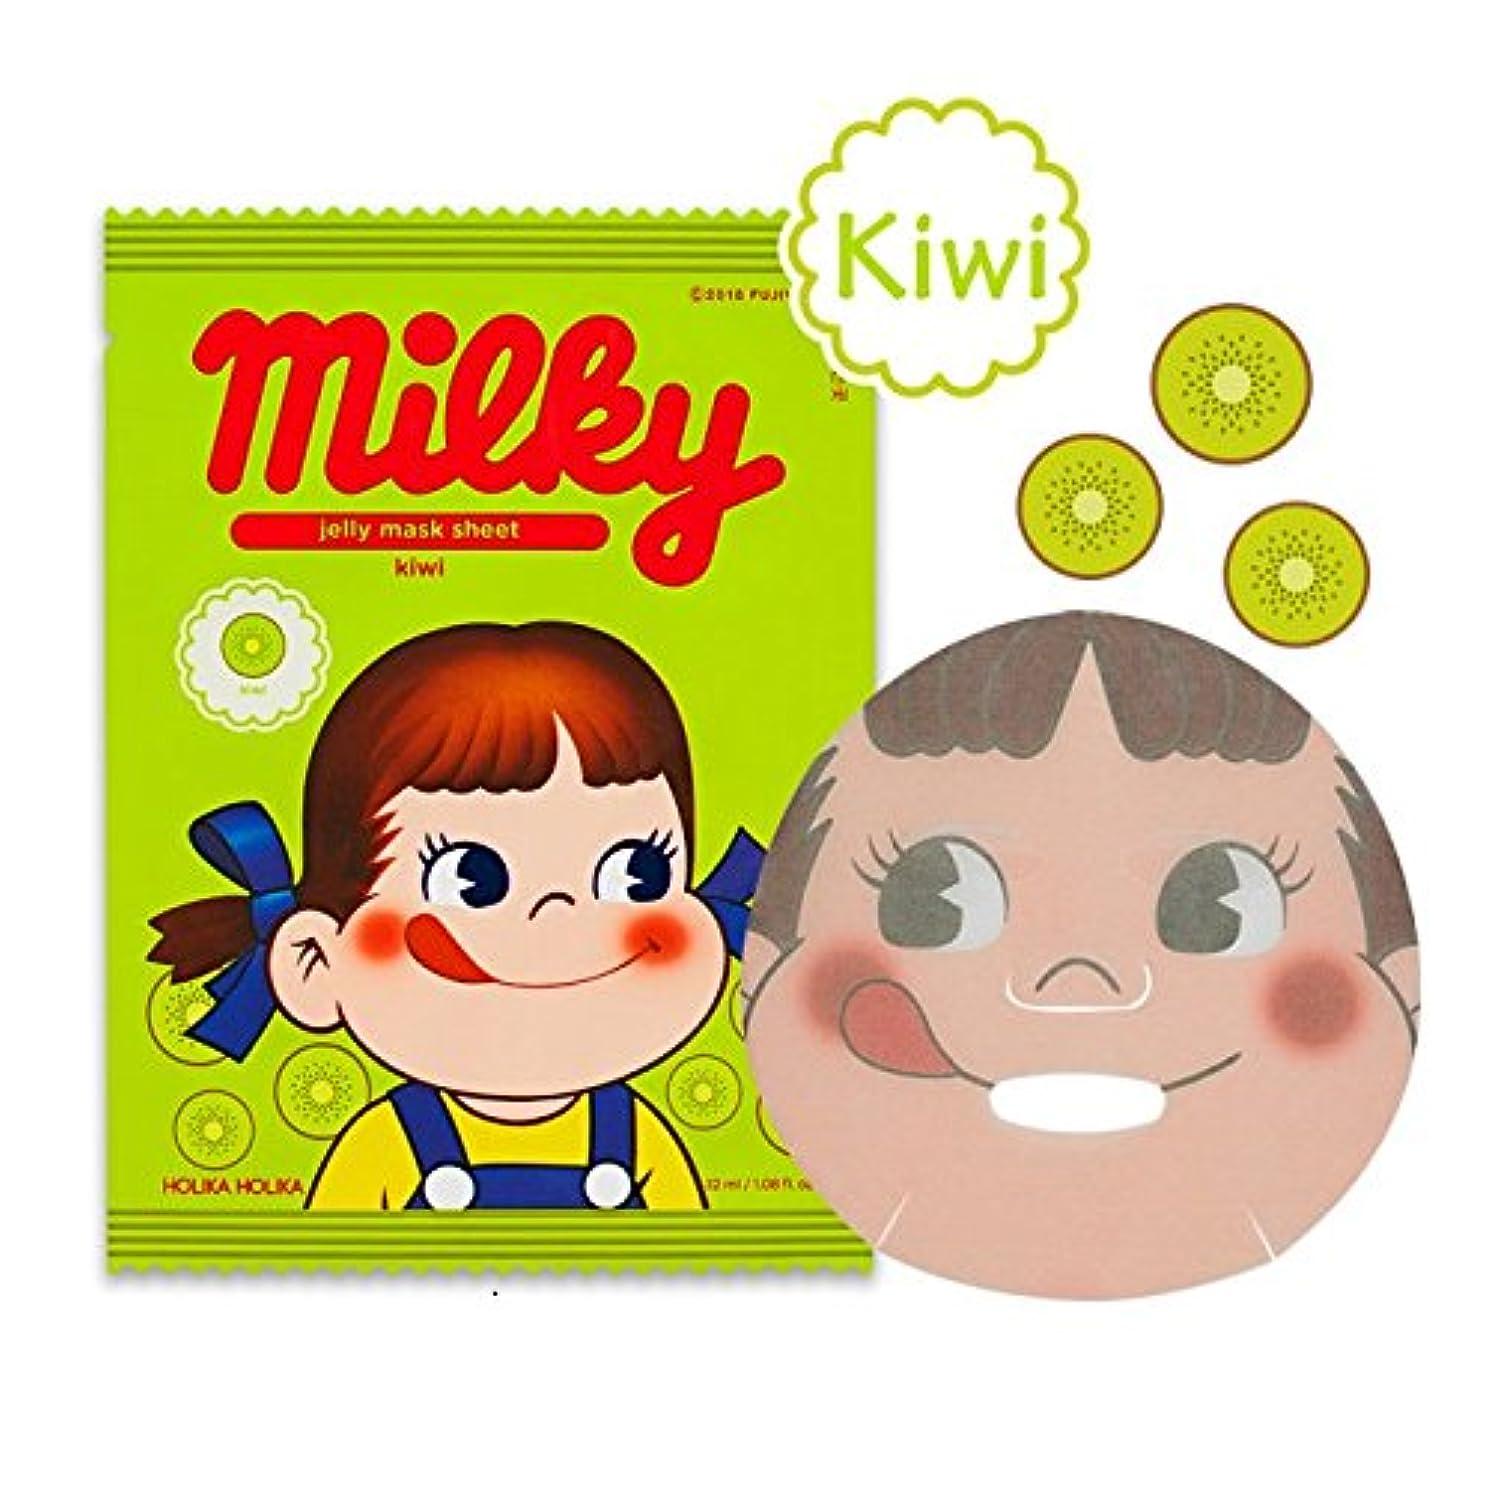 未使用かる苦いHolika Holika [Sweet Peko Edition] Peko Pure Essence Jelly Mask Sheet - Kiwi 3EA/ホリカホリカ [スイートペコエディション]ペコちゃんピュアエッセンスゼリーマスクシート 3枚 (キウイ) [並行輸入品]